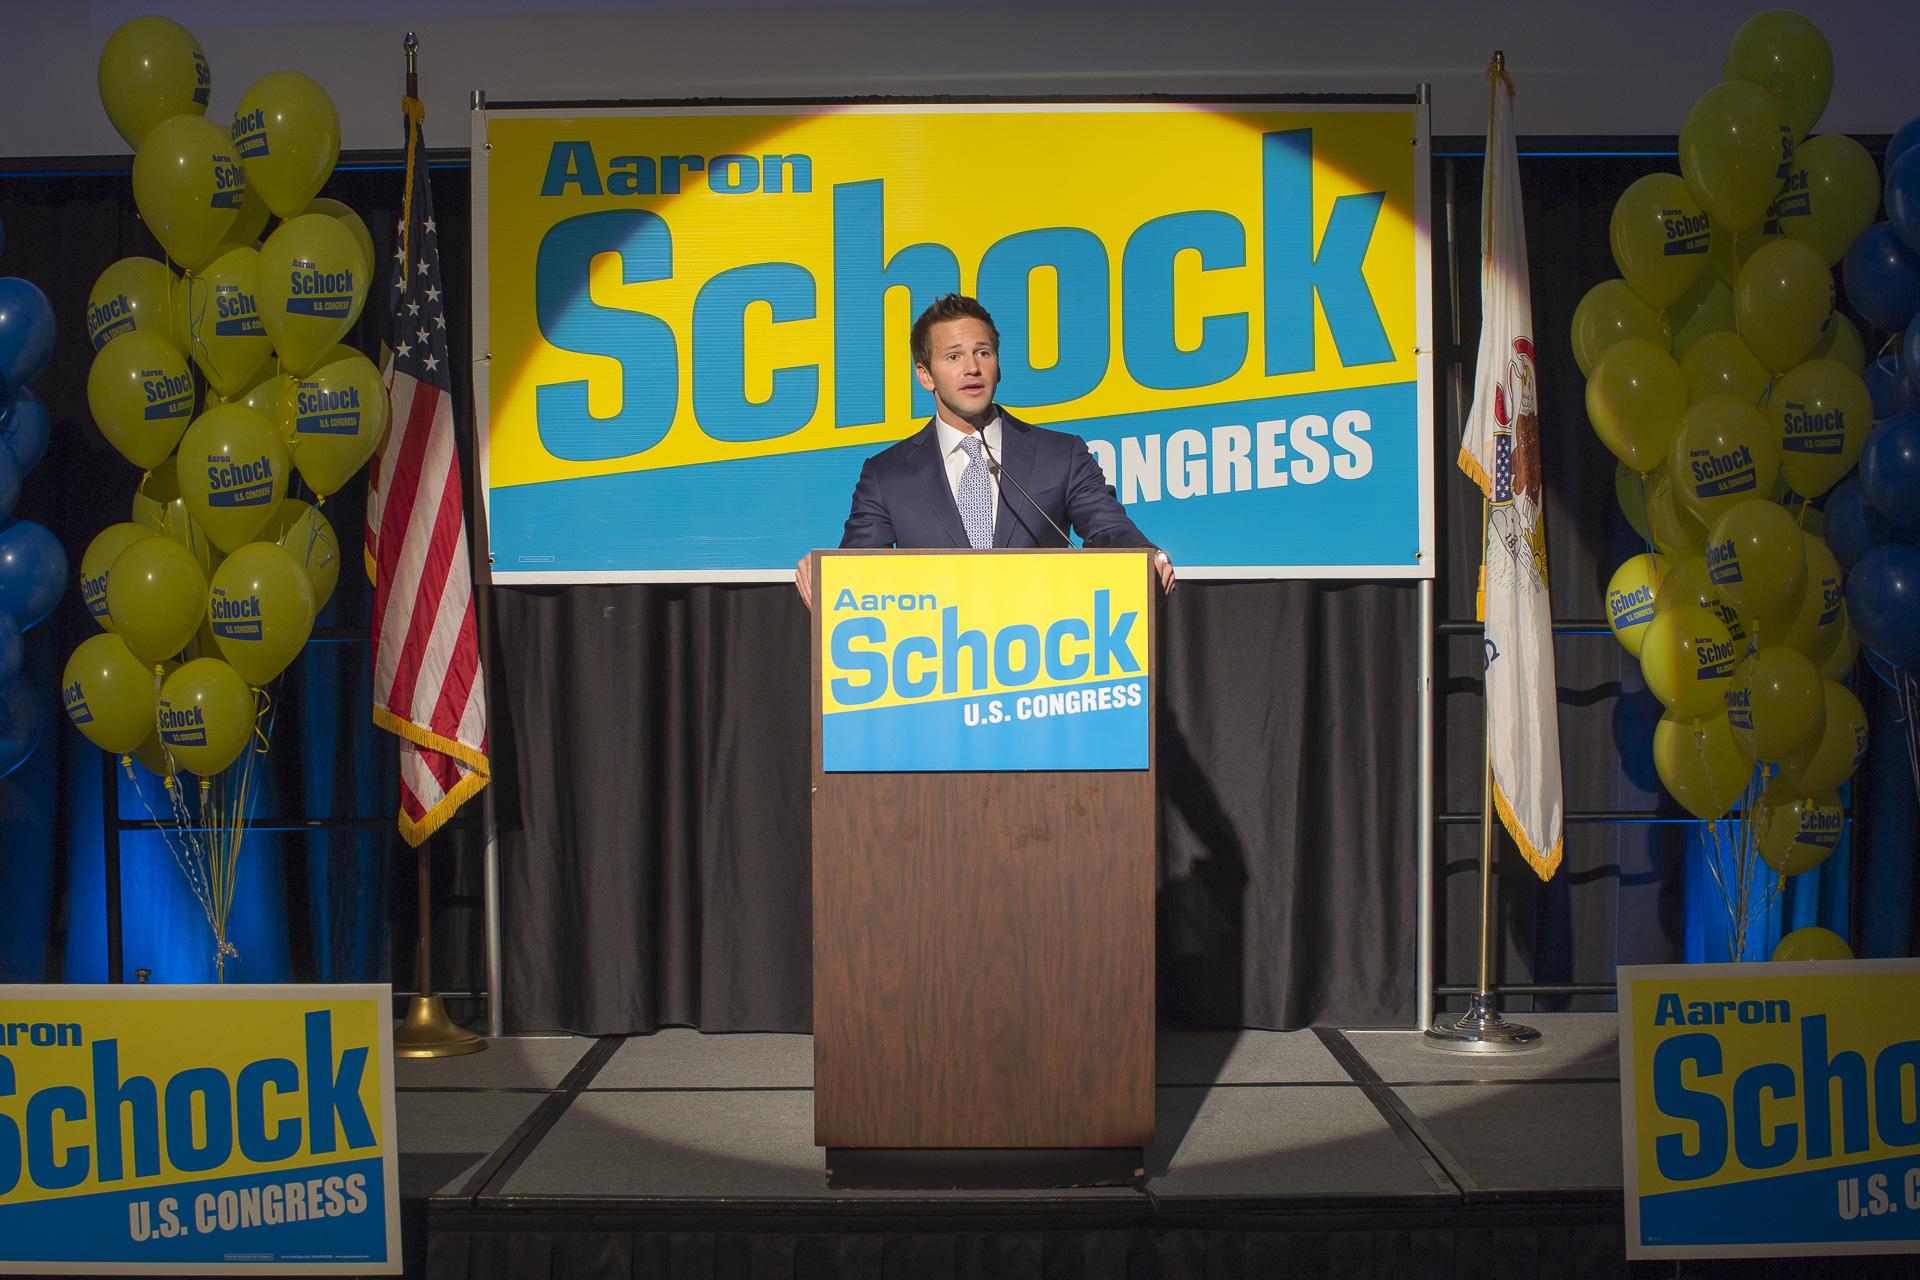 Former Illinois Rep. Aaron Schock